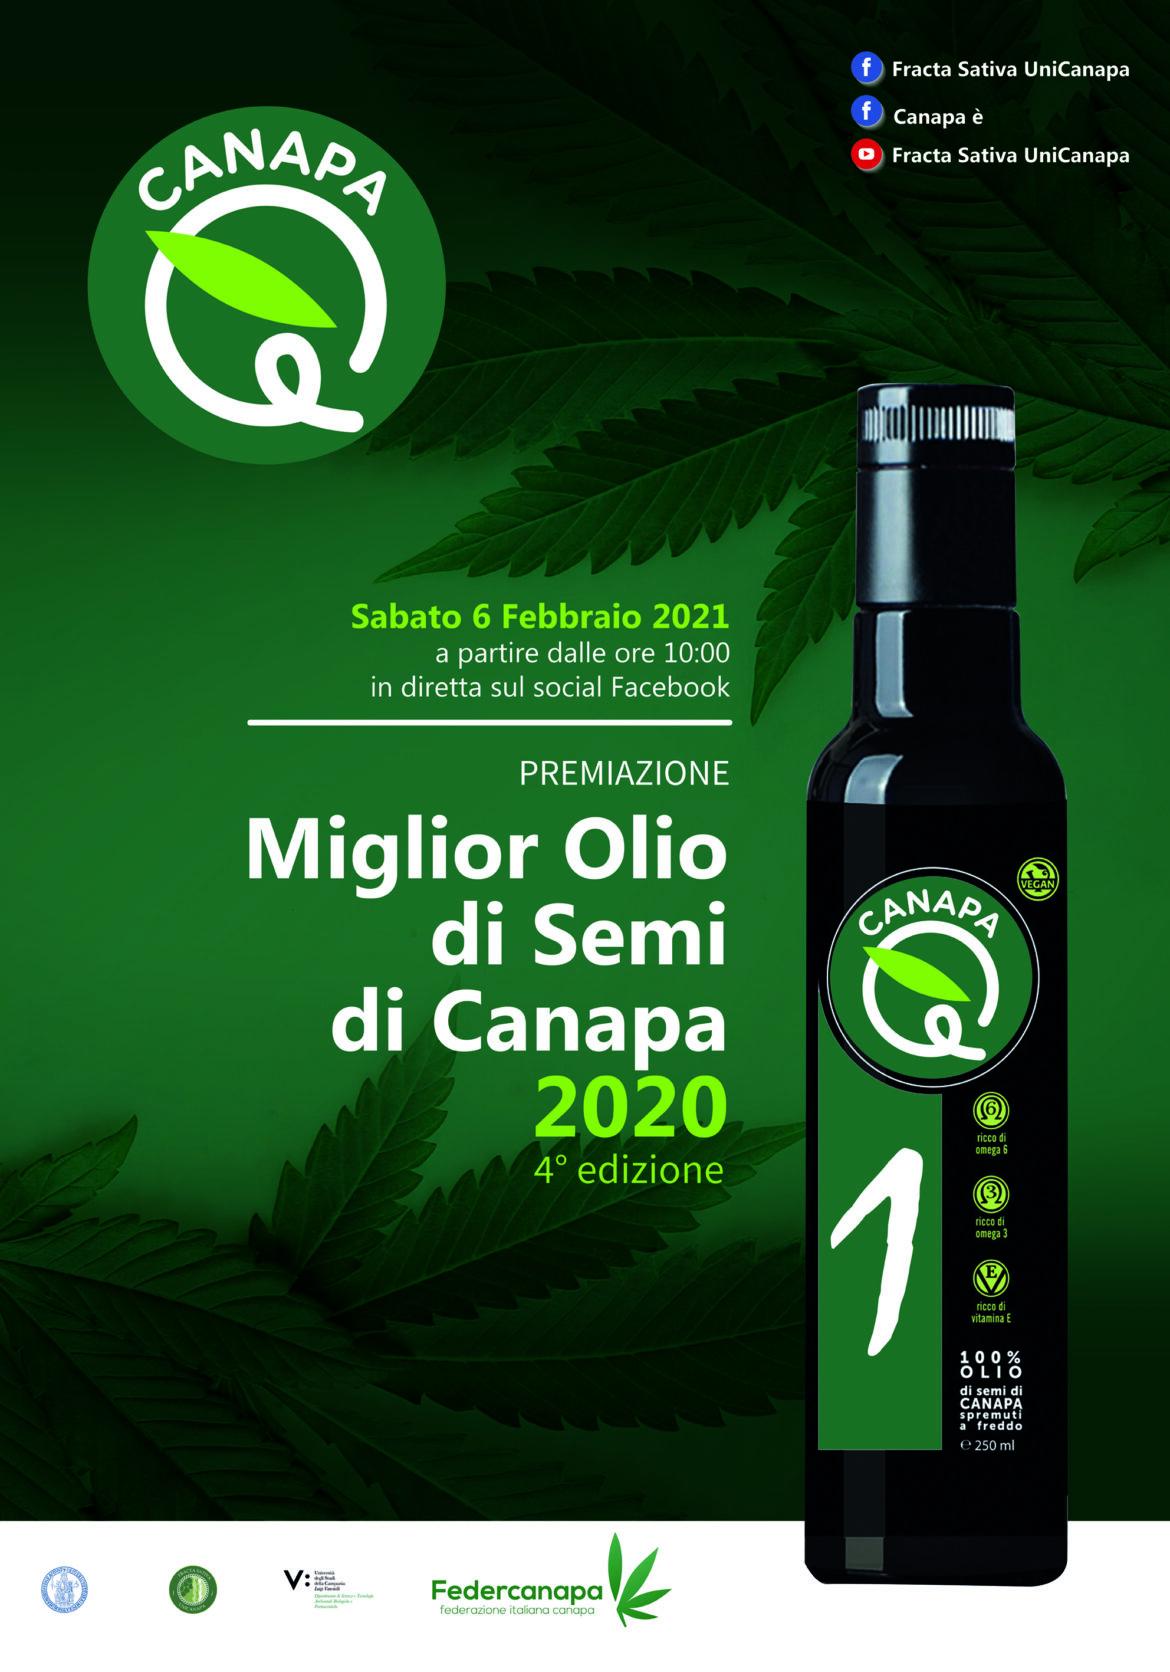 """Premiazione della IV Edizione del Concorso """"Canapa è"""" per il miglior olio di semi di canapa"""